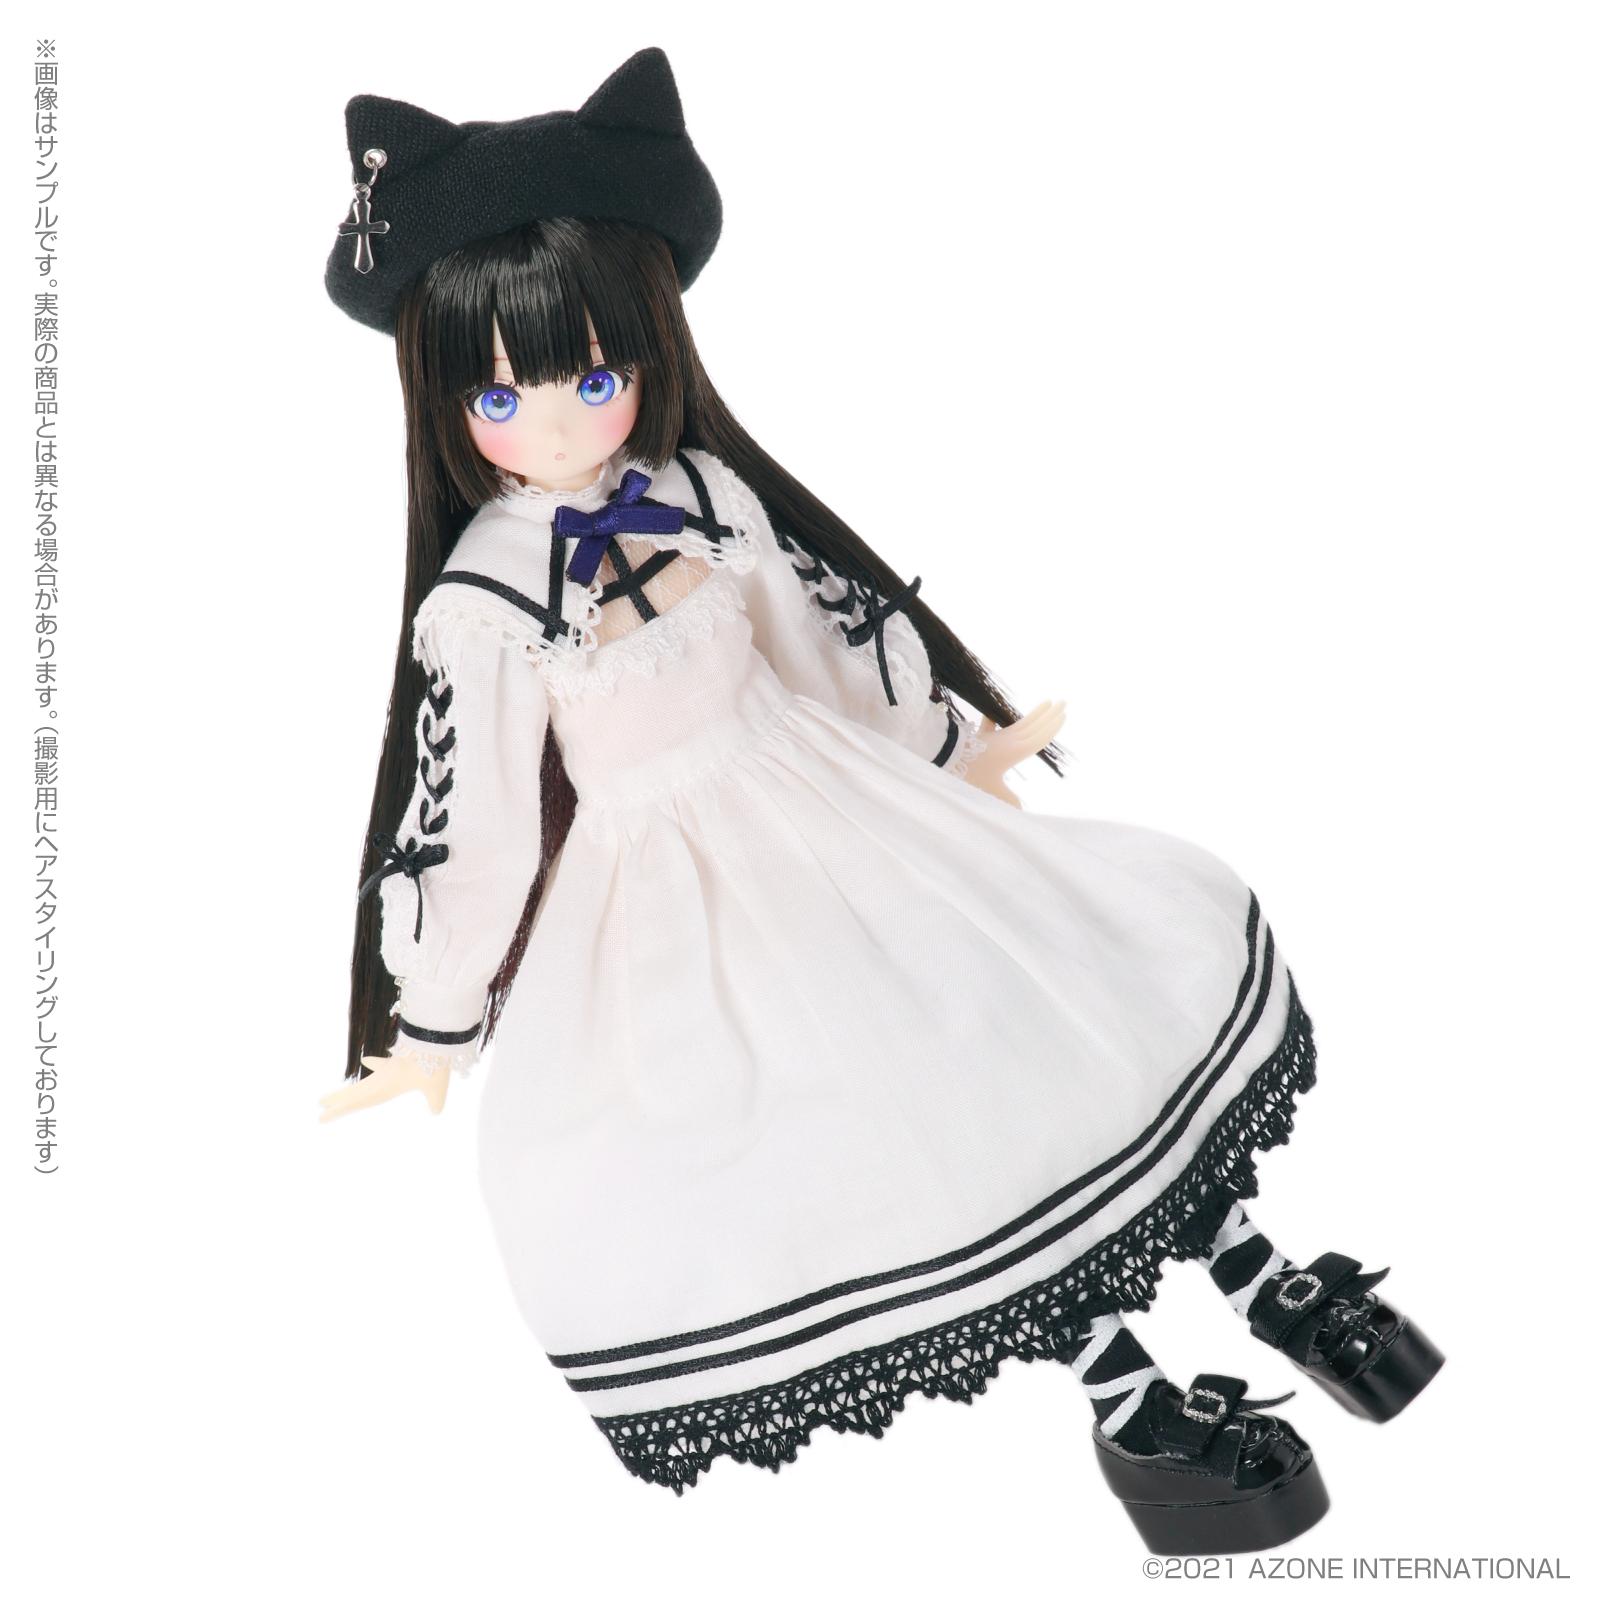 ルミナス*ストリート『みい/Mii ~Cat walking path~(通常販売ver.)』Luminous*Street 1/6 完成品ドール-011